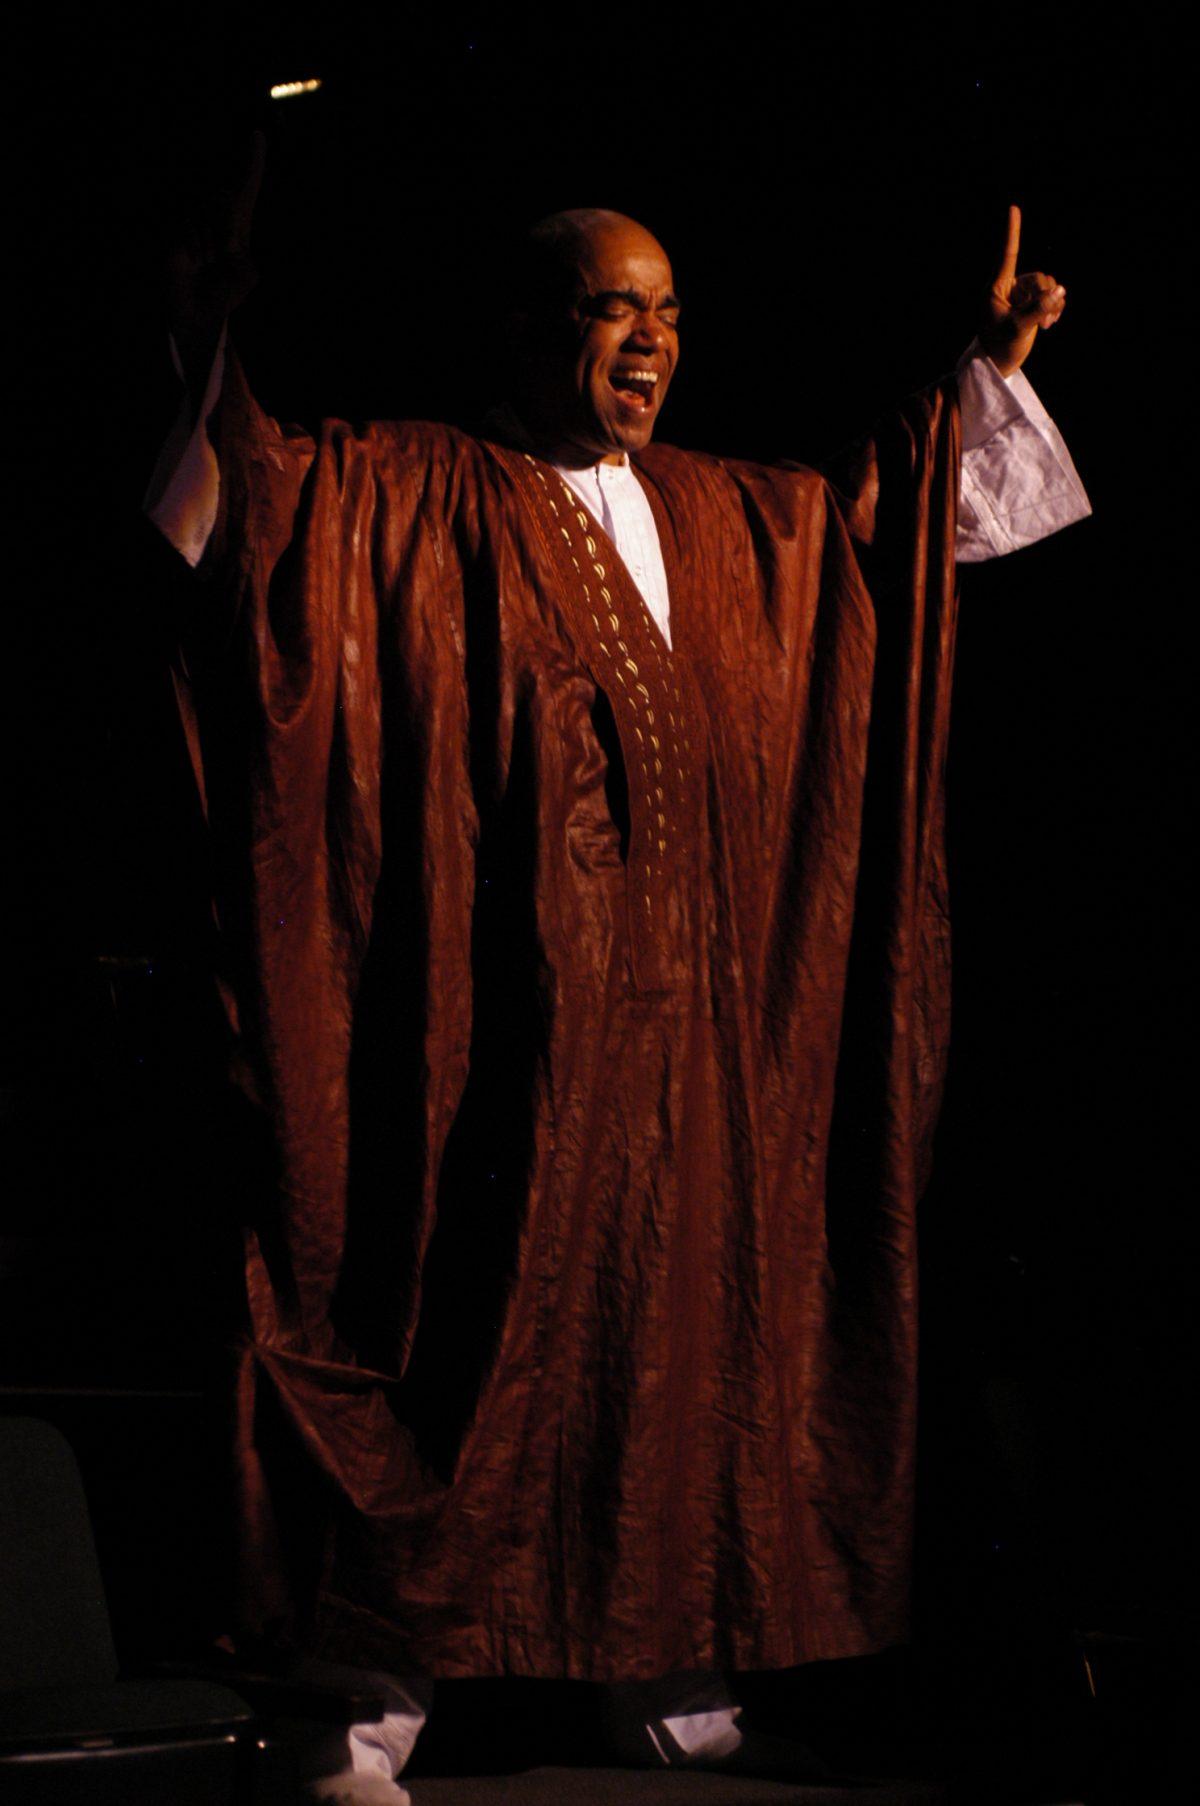 Man in brown robes singing.